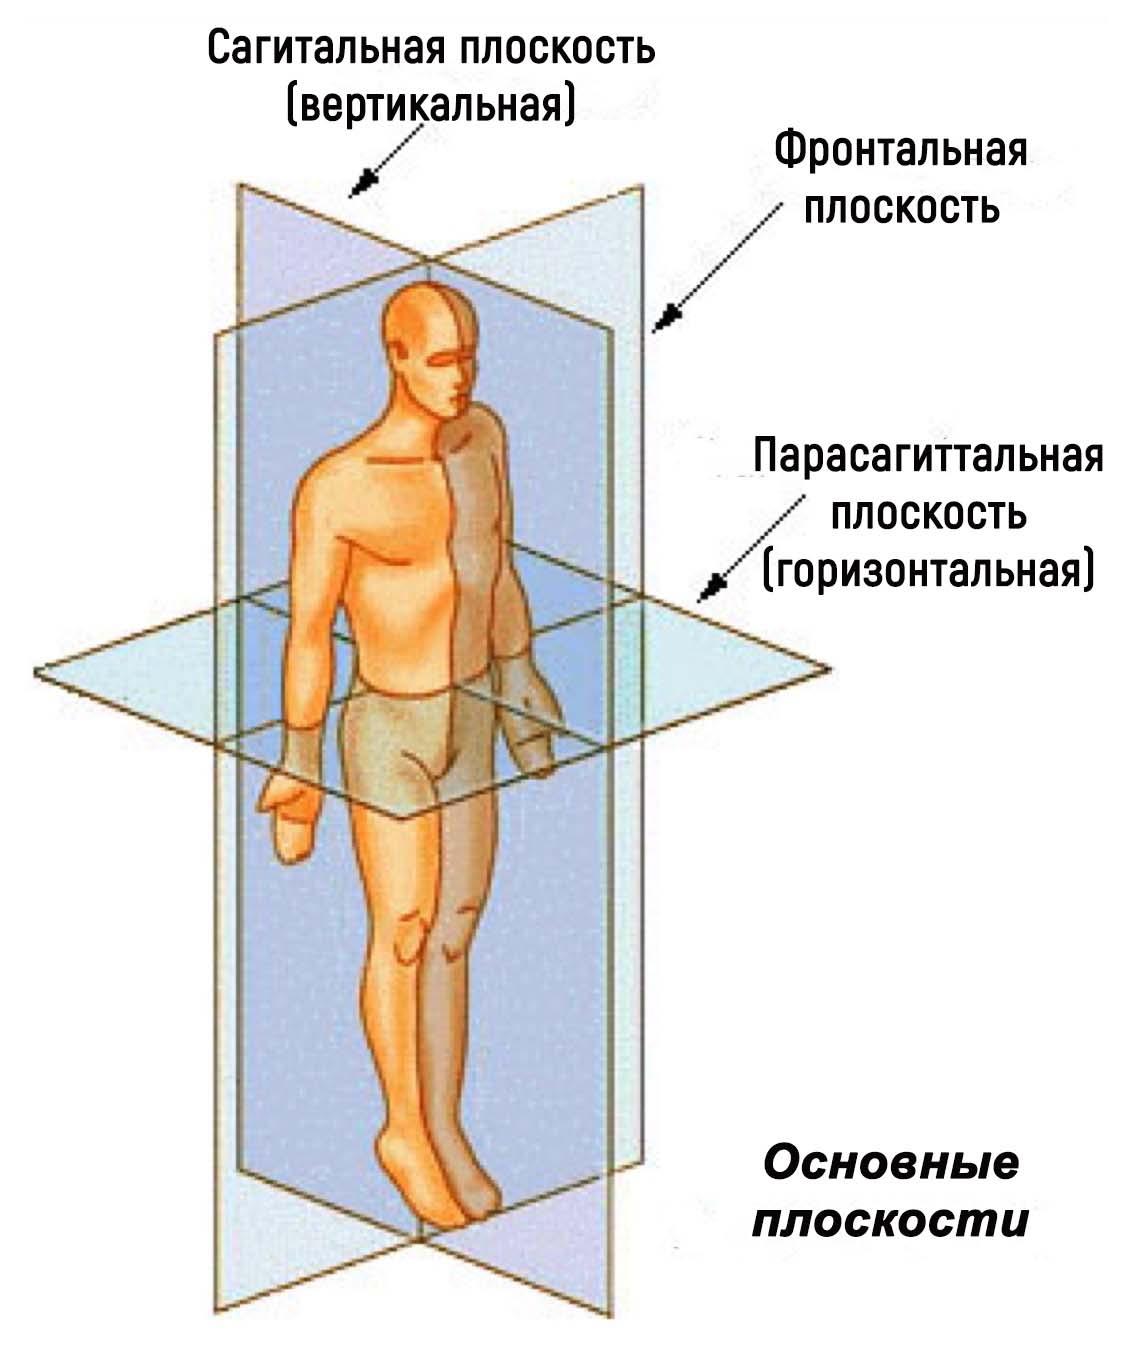 Анатомия ЦНС для психологов. Анатомическая терминология